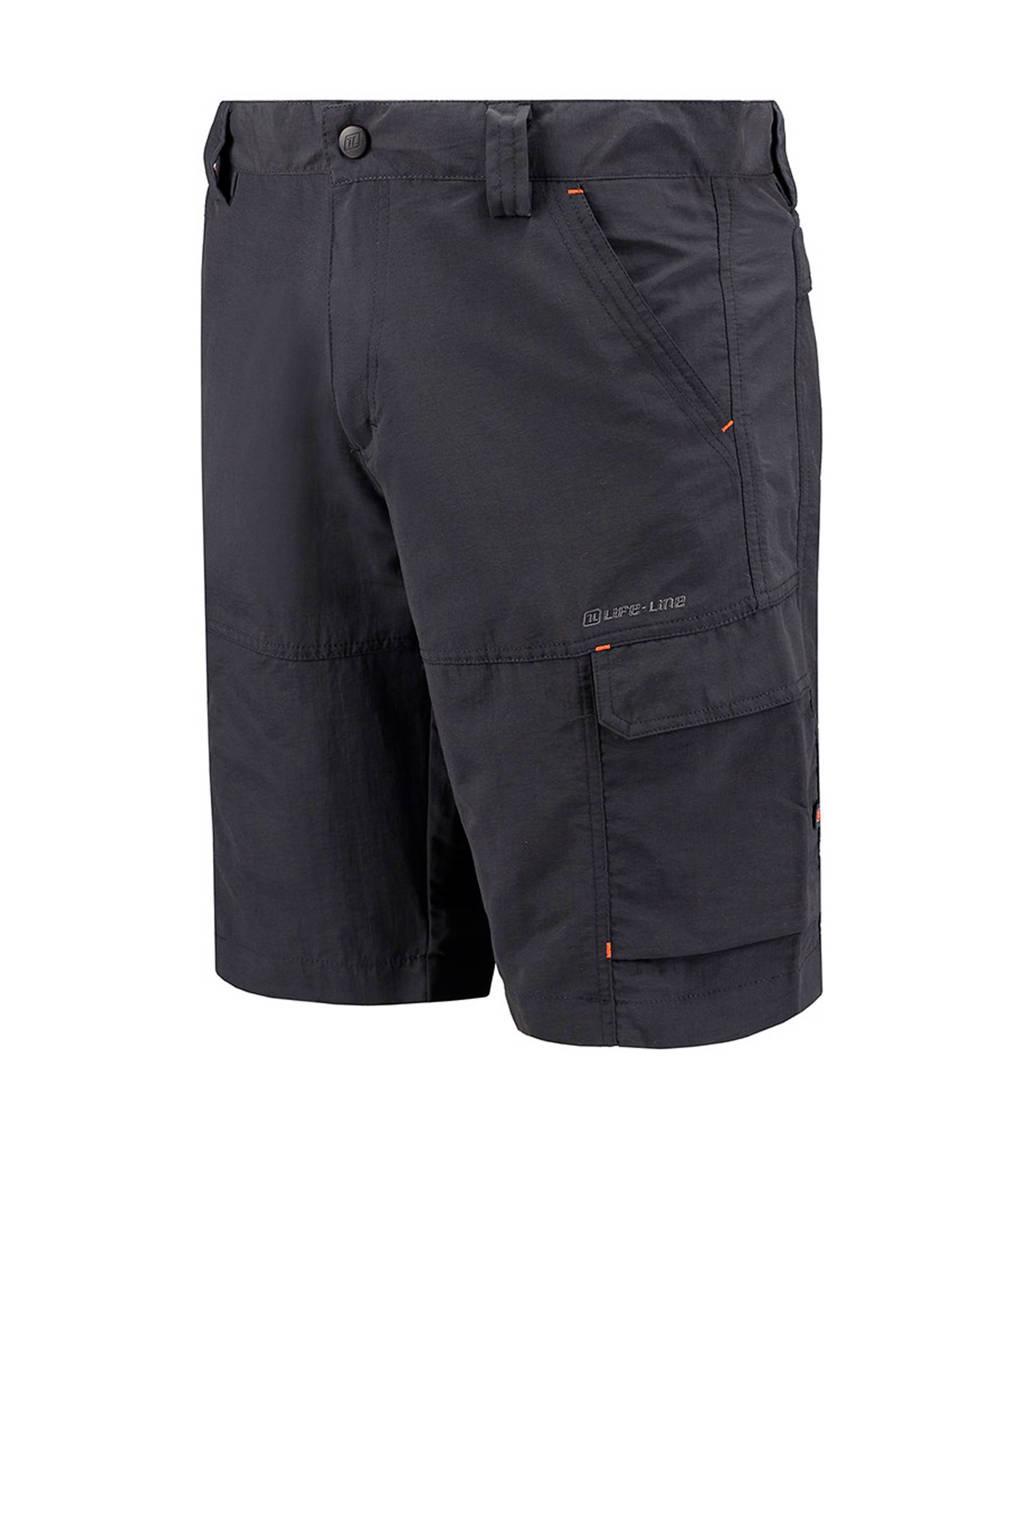 Life-Line korte outdoor broek Dibo antraciet, Antraciet